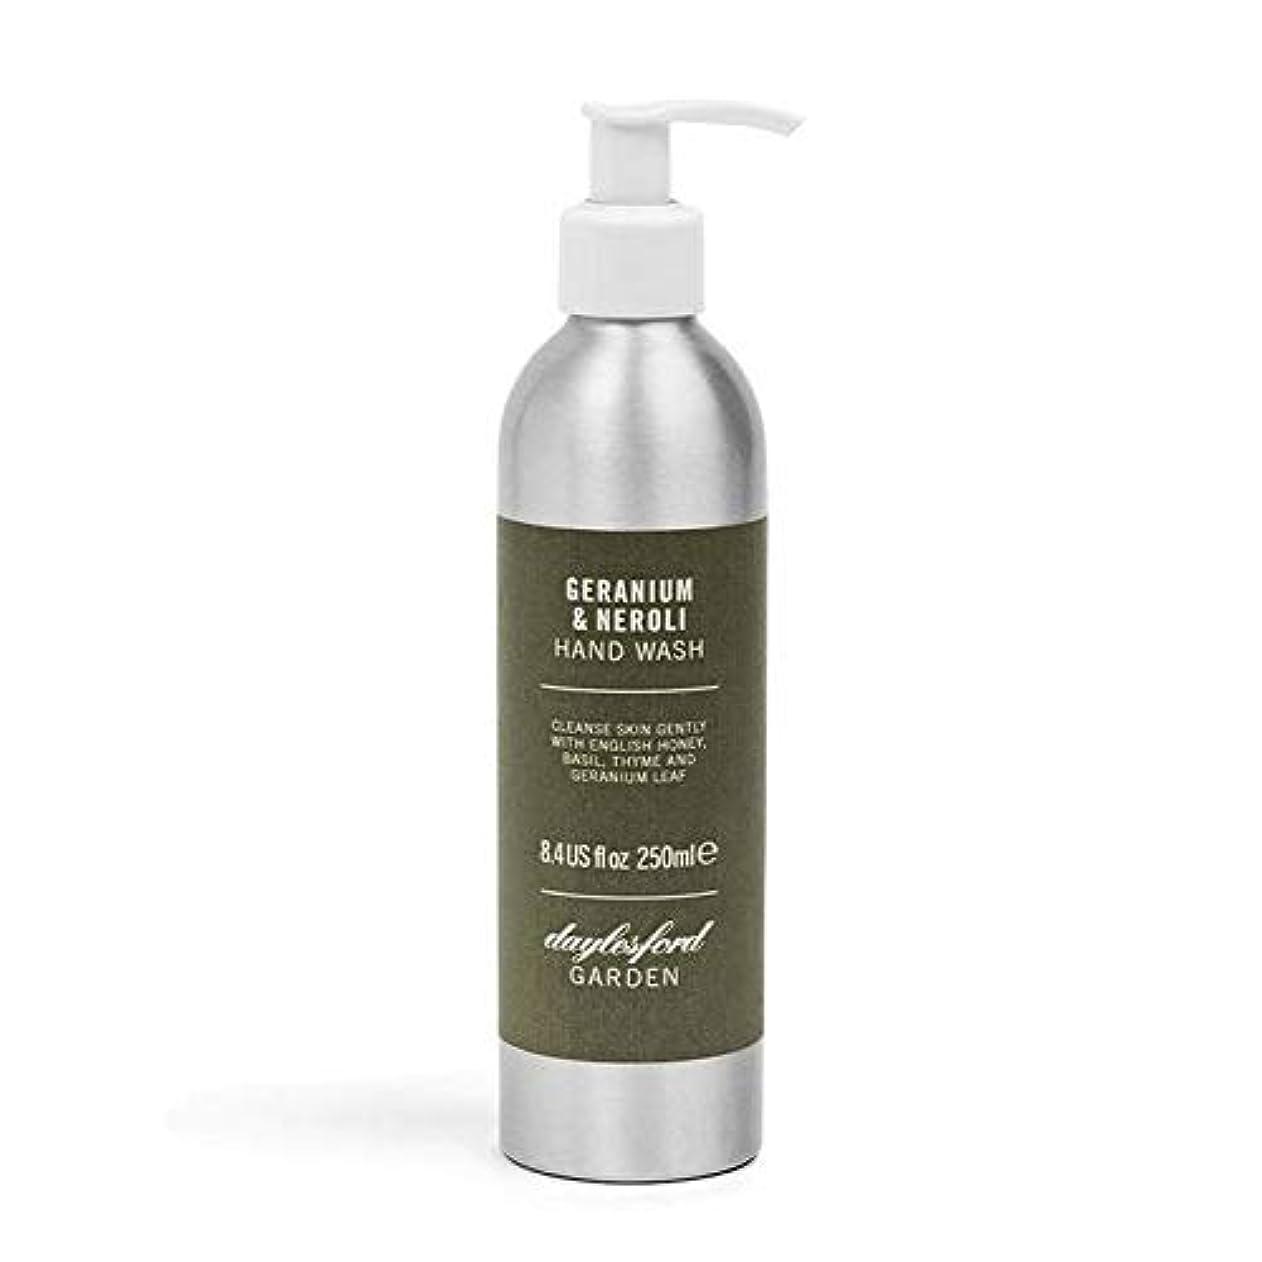 トリム便利摘む[Daylesford ] デイルスフォードの自然ゼラニウム&ネロリのハンドウォッシュ250ミリリットル - Daylesford Natural Geranium & Neroli Hand Wash 250ml [並行輸入品]